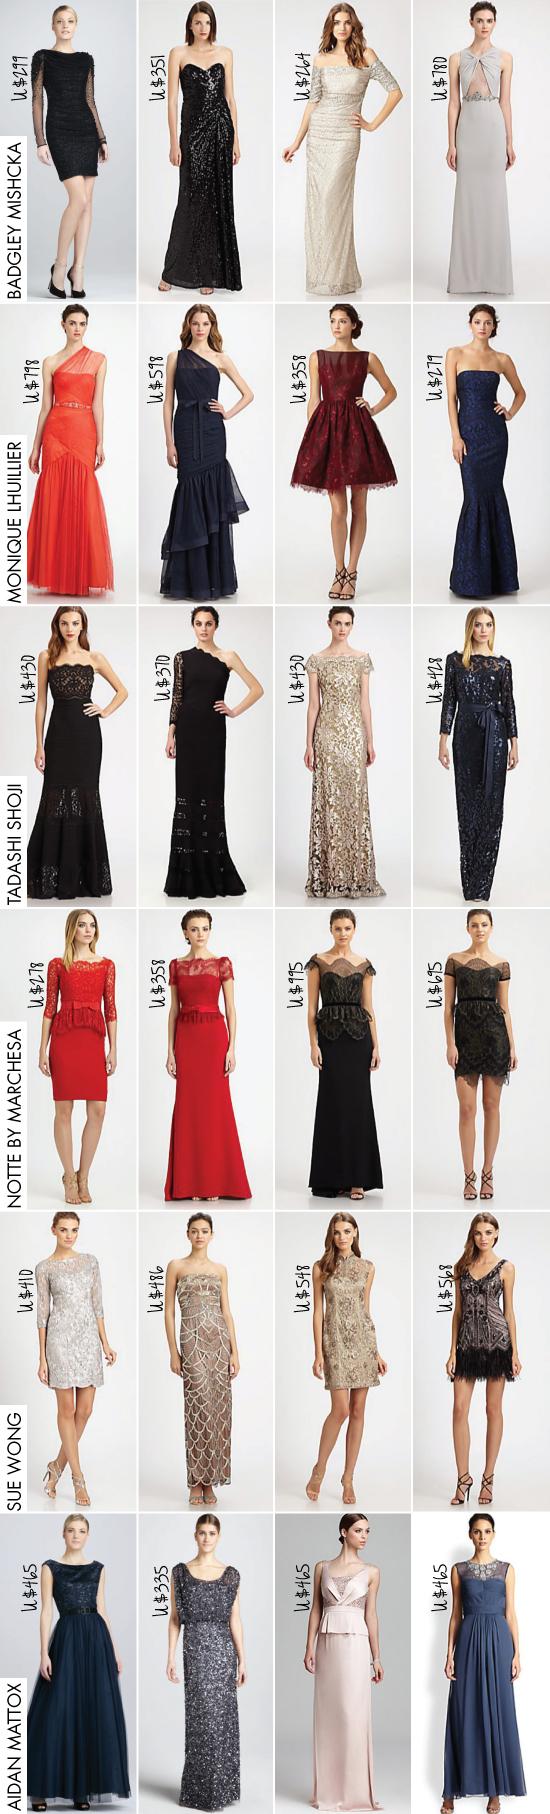 onde-comprar-vestido-festa-casamento-madrinha-ny-viagem-dica-new-york-nova-york-bcbg-loja-store-longo-bordado-renda-evening-gown-dress-century21-century-21-badgley-mishcka-sue-wong-notte-by-marchesa-marcas-aidan-mattox-tadashi-shoji-monique-lhouillier